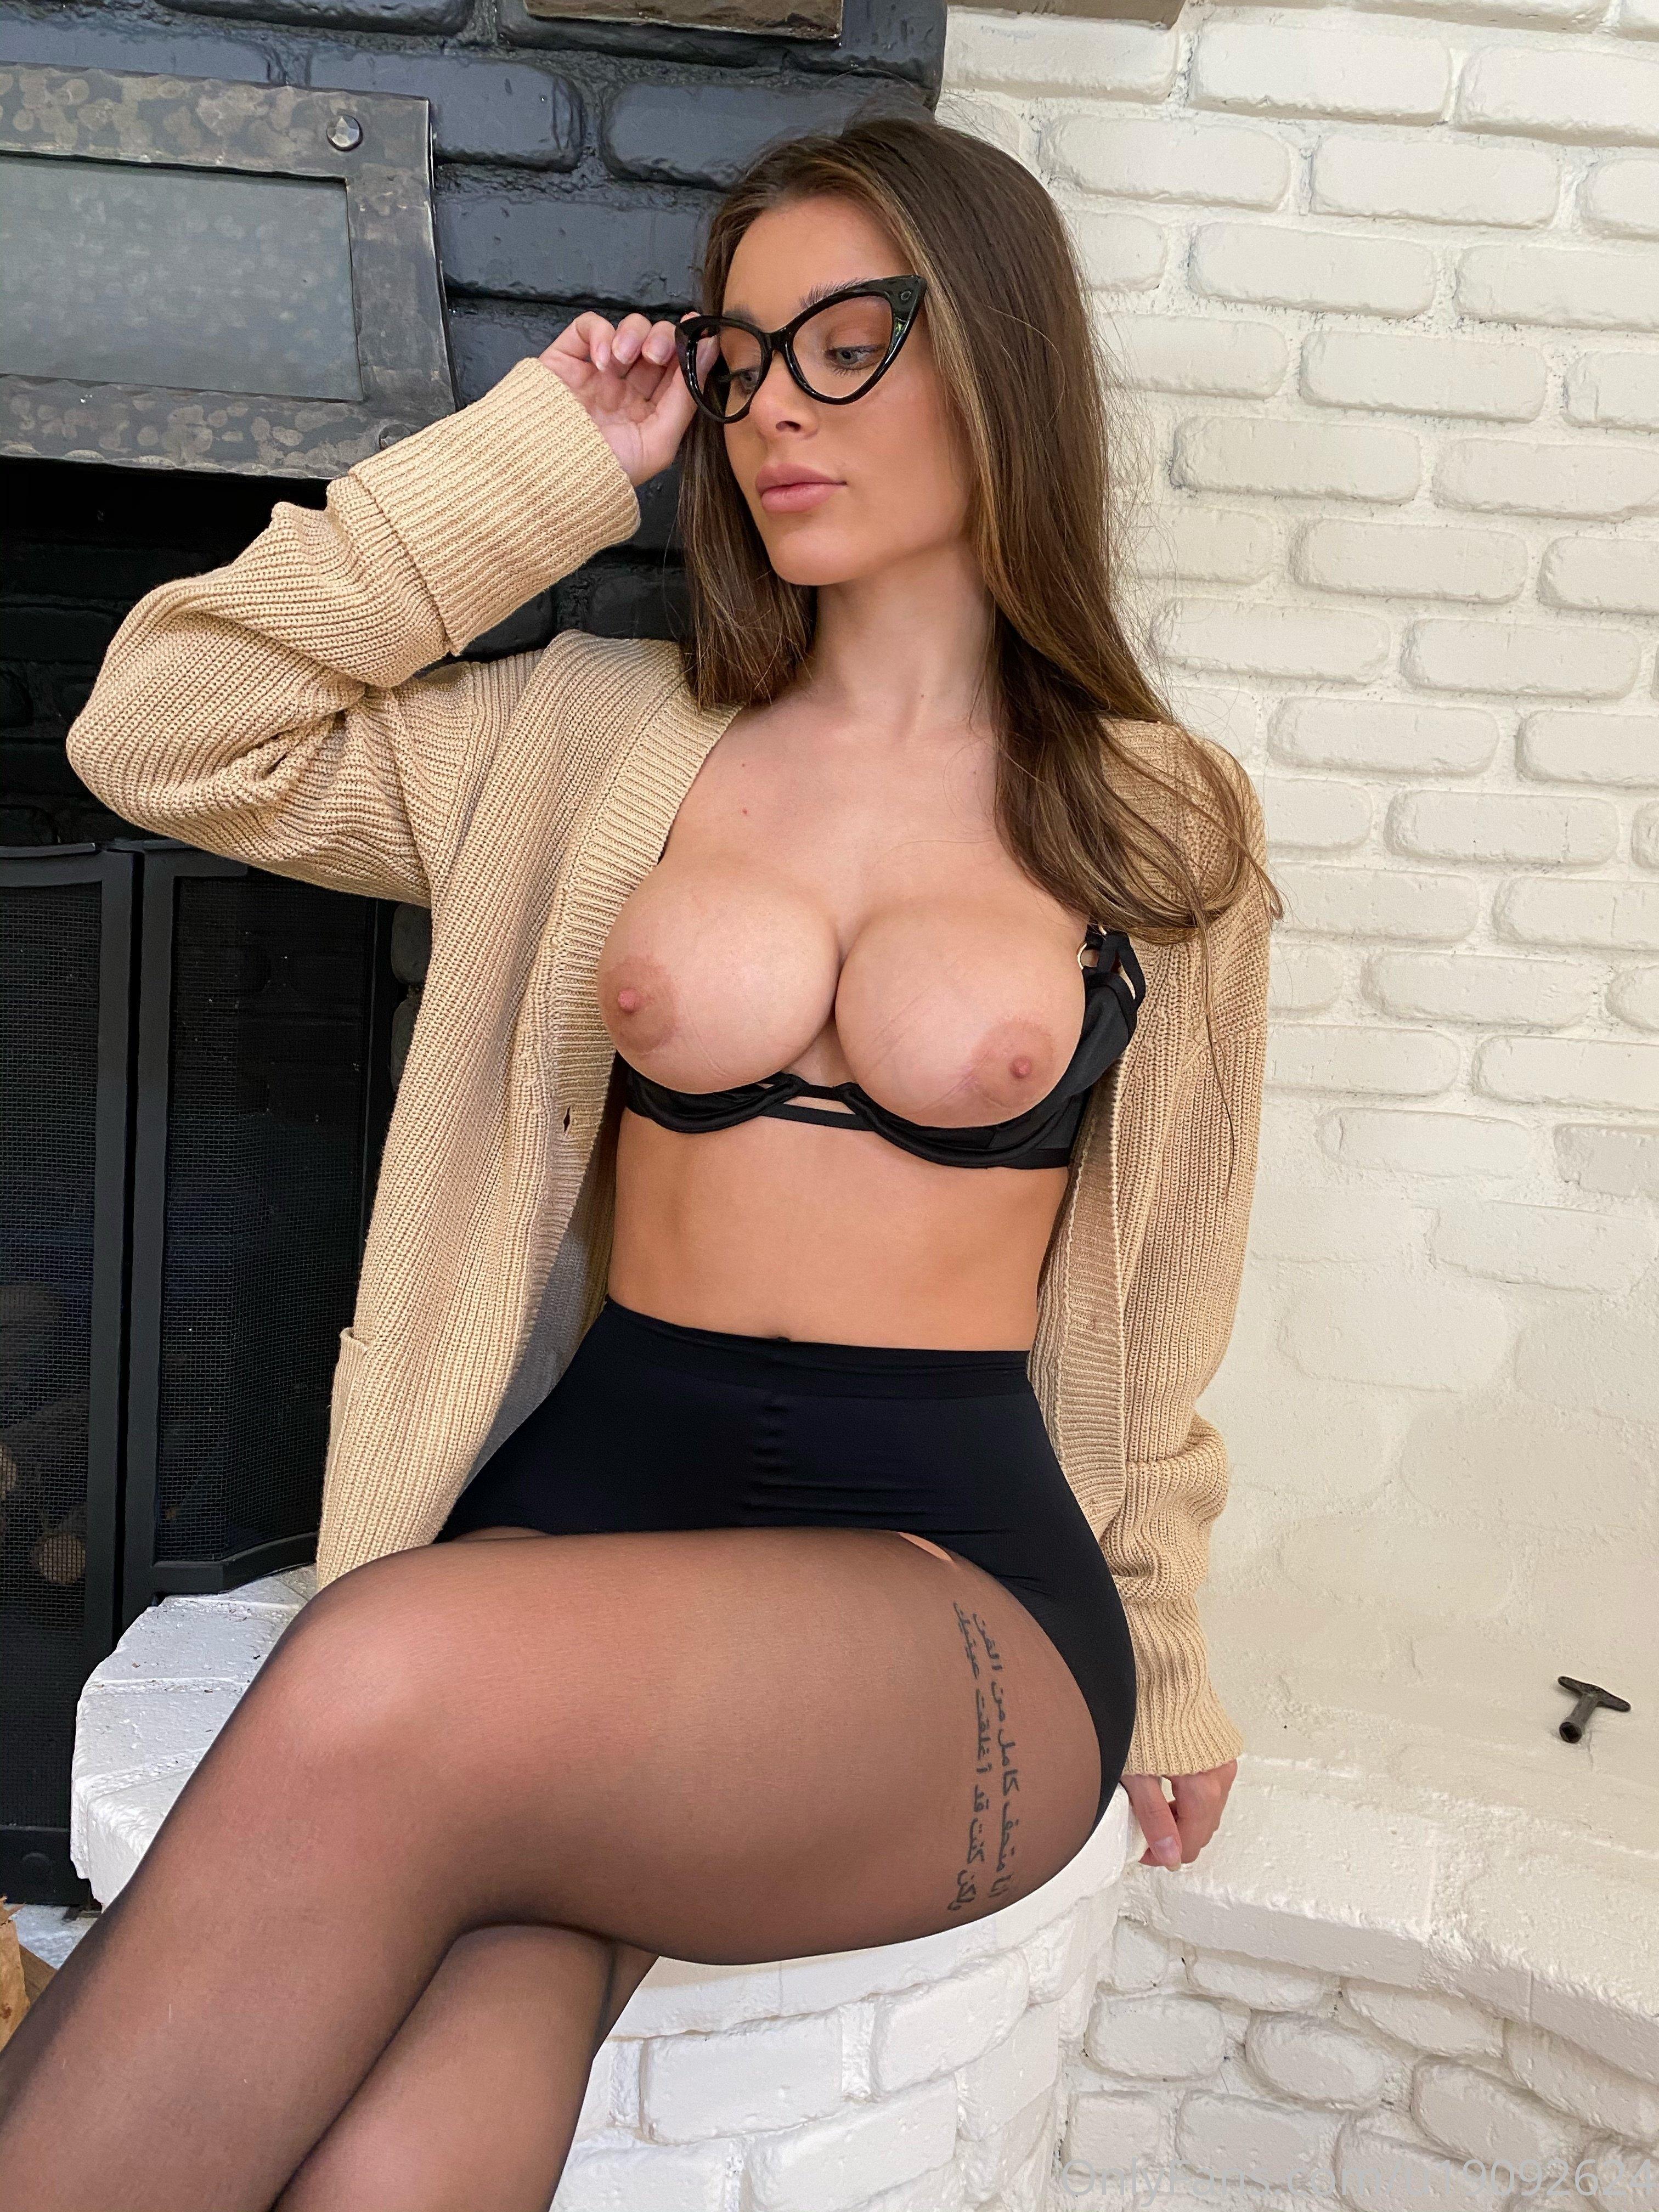 Lana Rhoades, Lanarhoades, Onlyfans Nude Leaks 0033